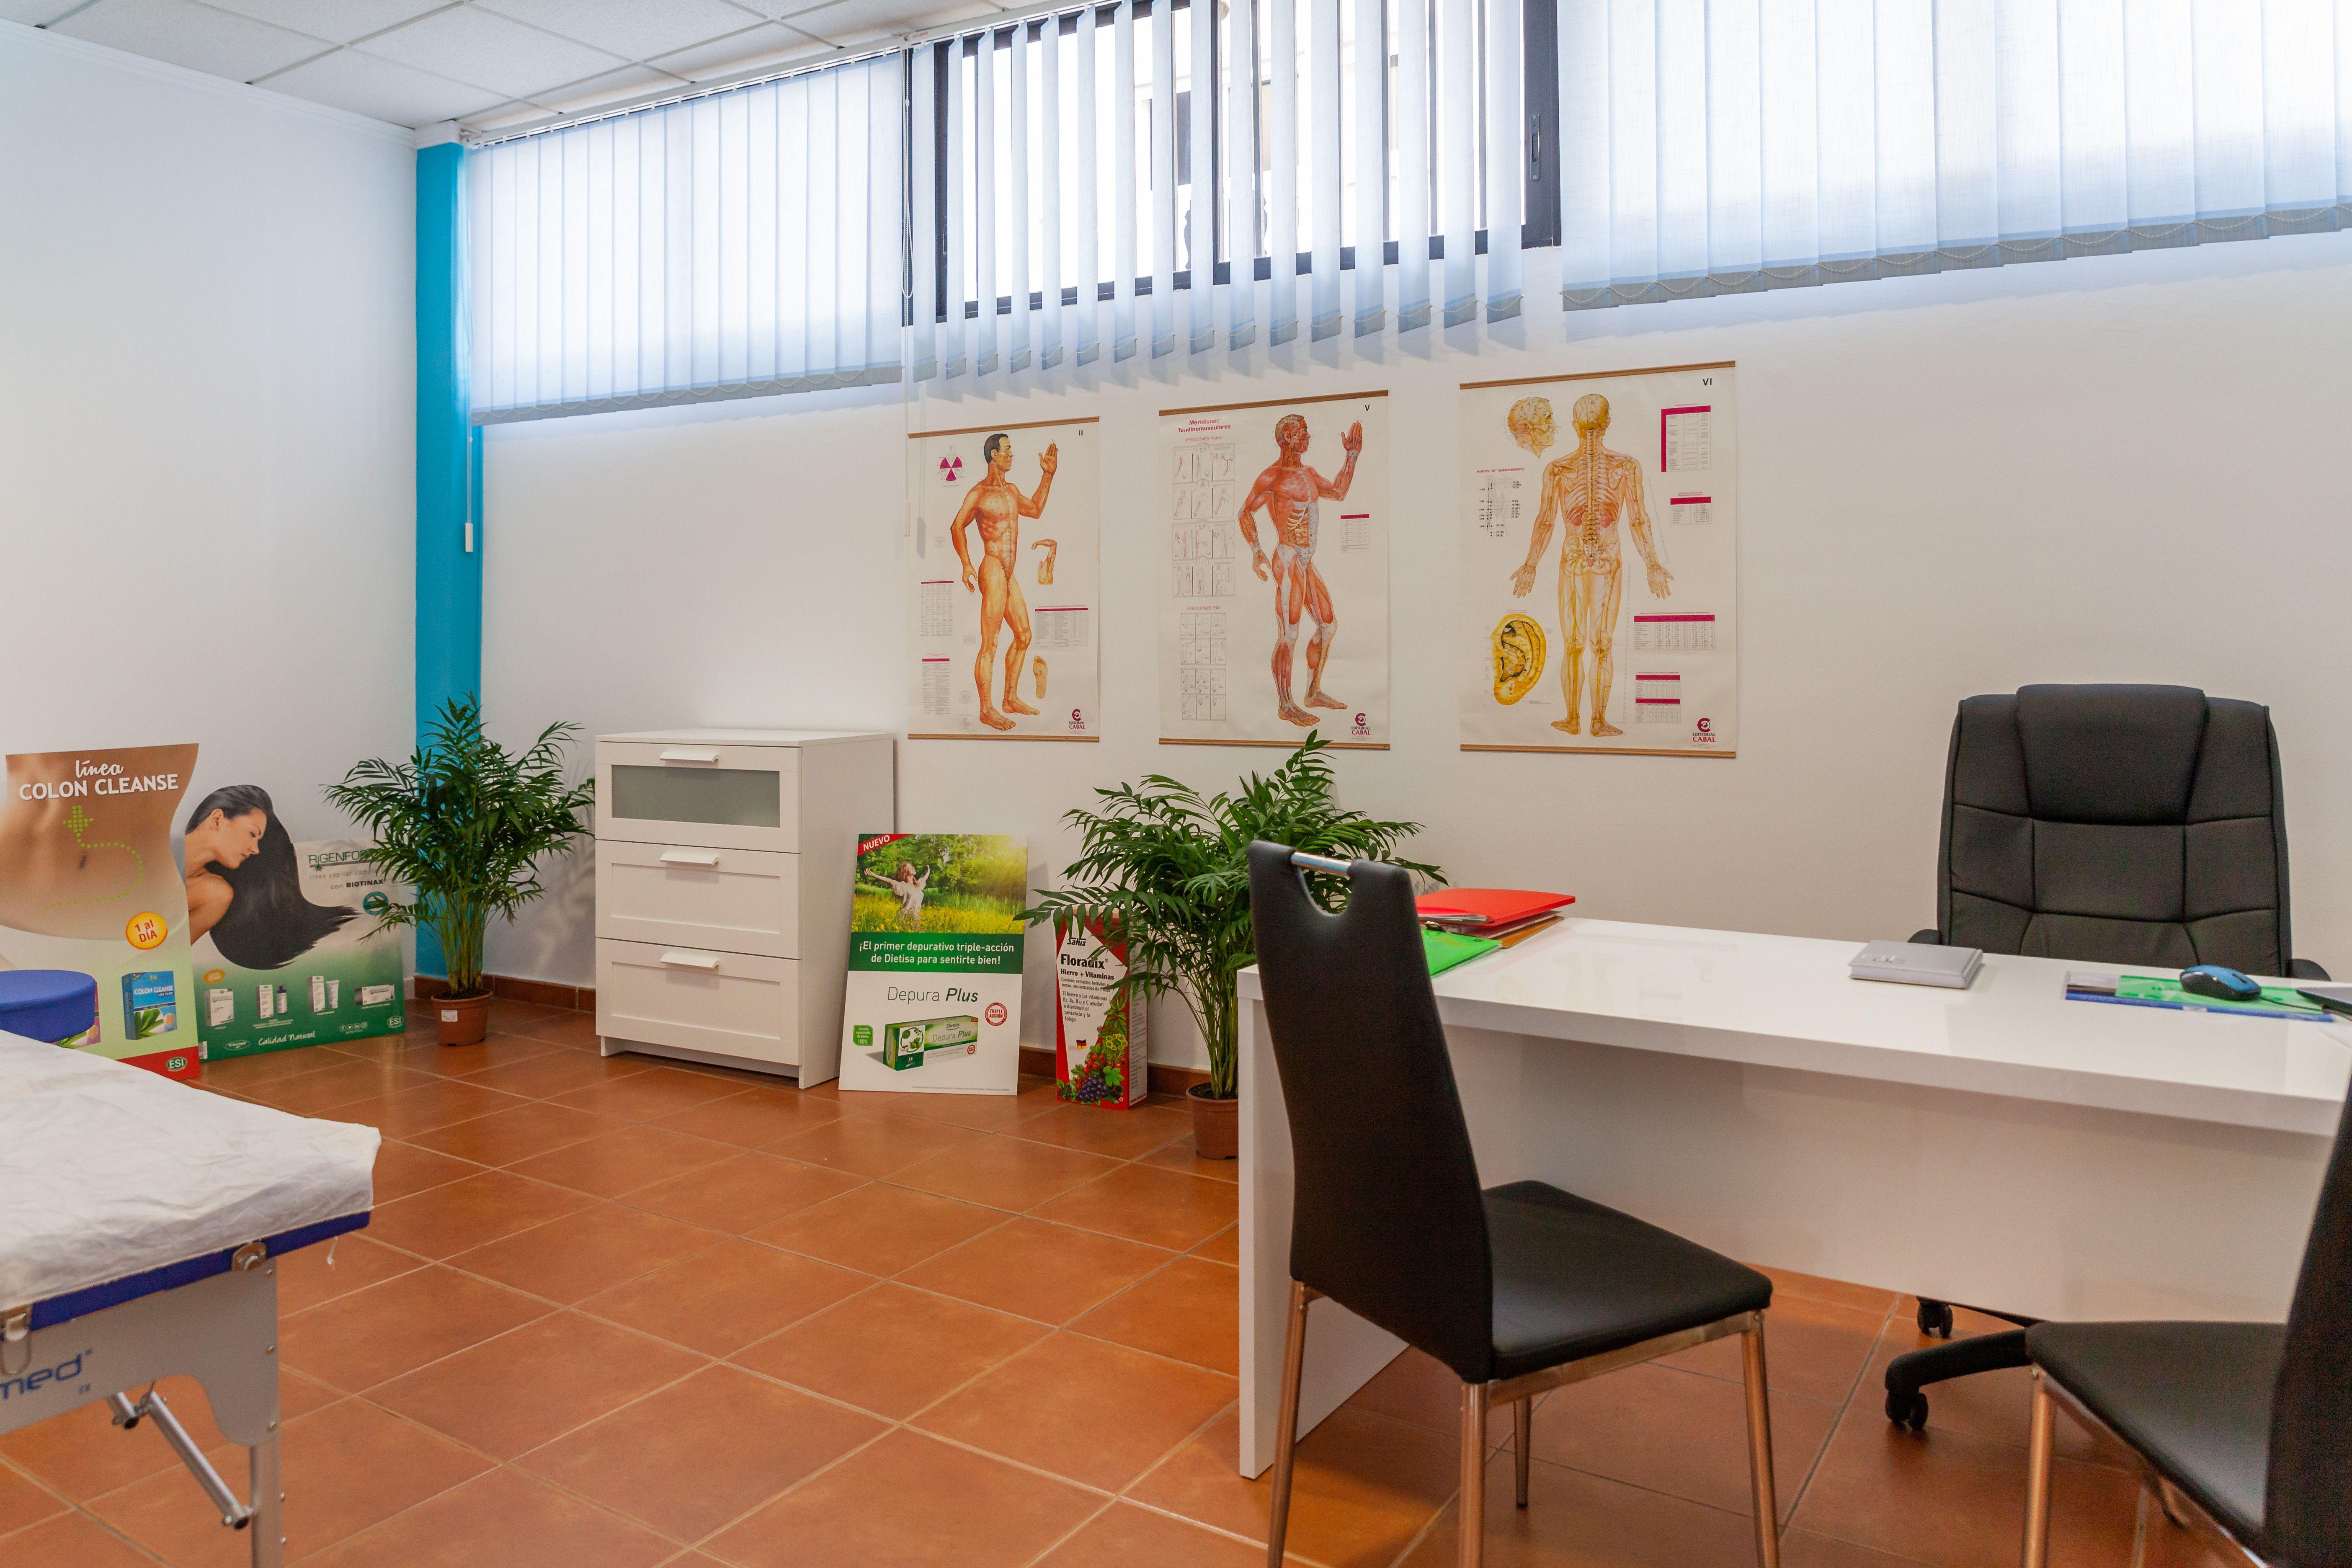 Foto 11 de Venta de Suplementación deportiva en  | Herbolario Salud y Belleza